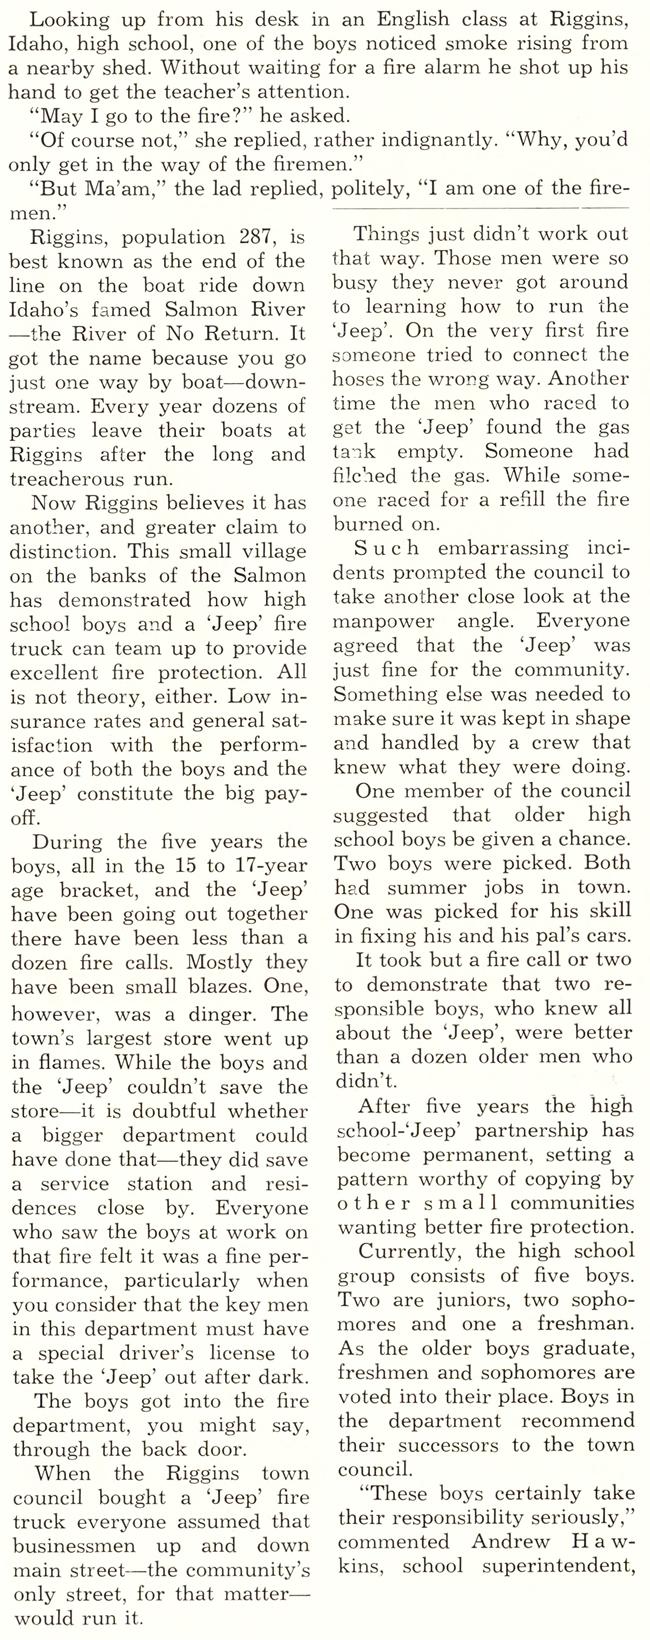 1958-01-willys-news-firejeep-idaho-text3